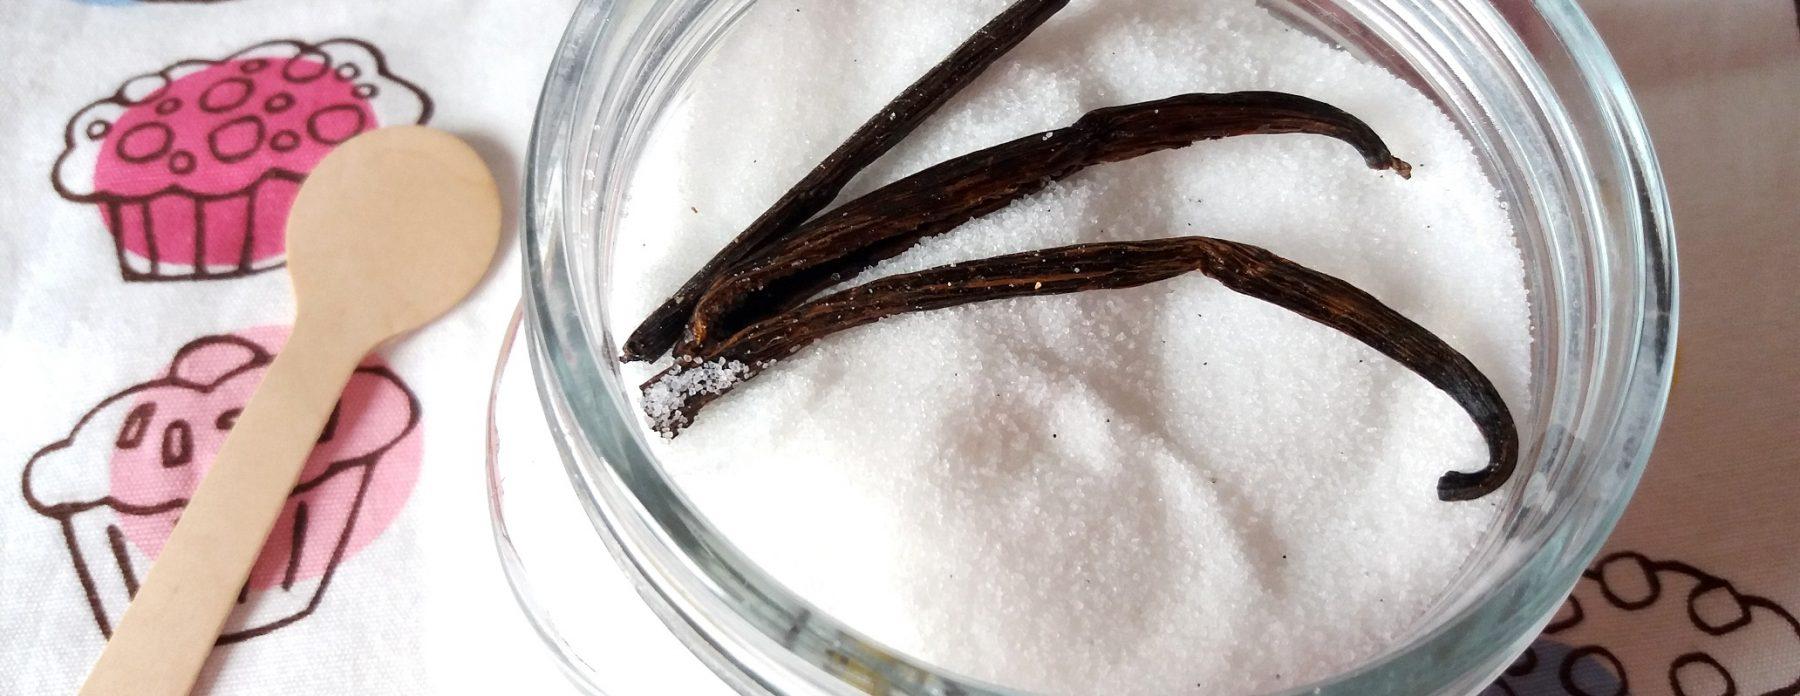 Vaníliás eritrit házilag vaníliás cukor helyett